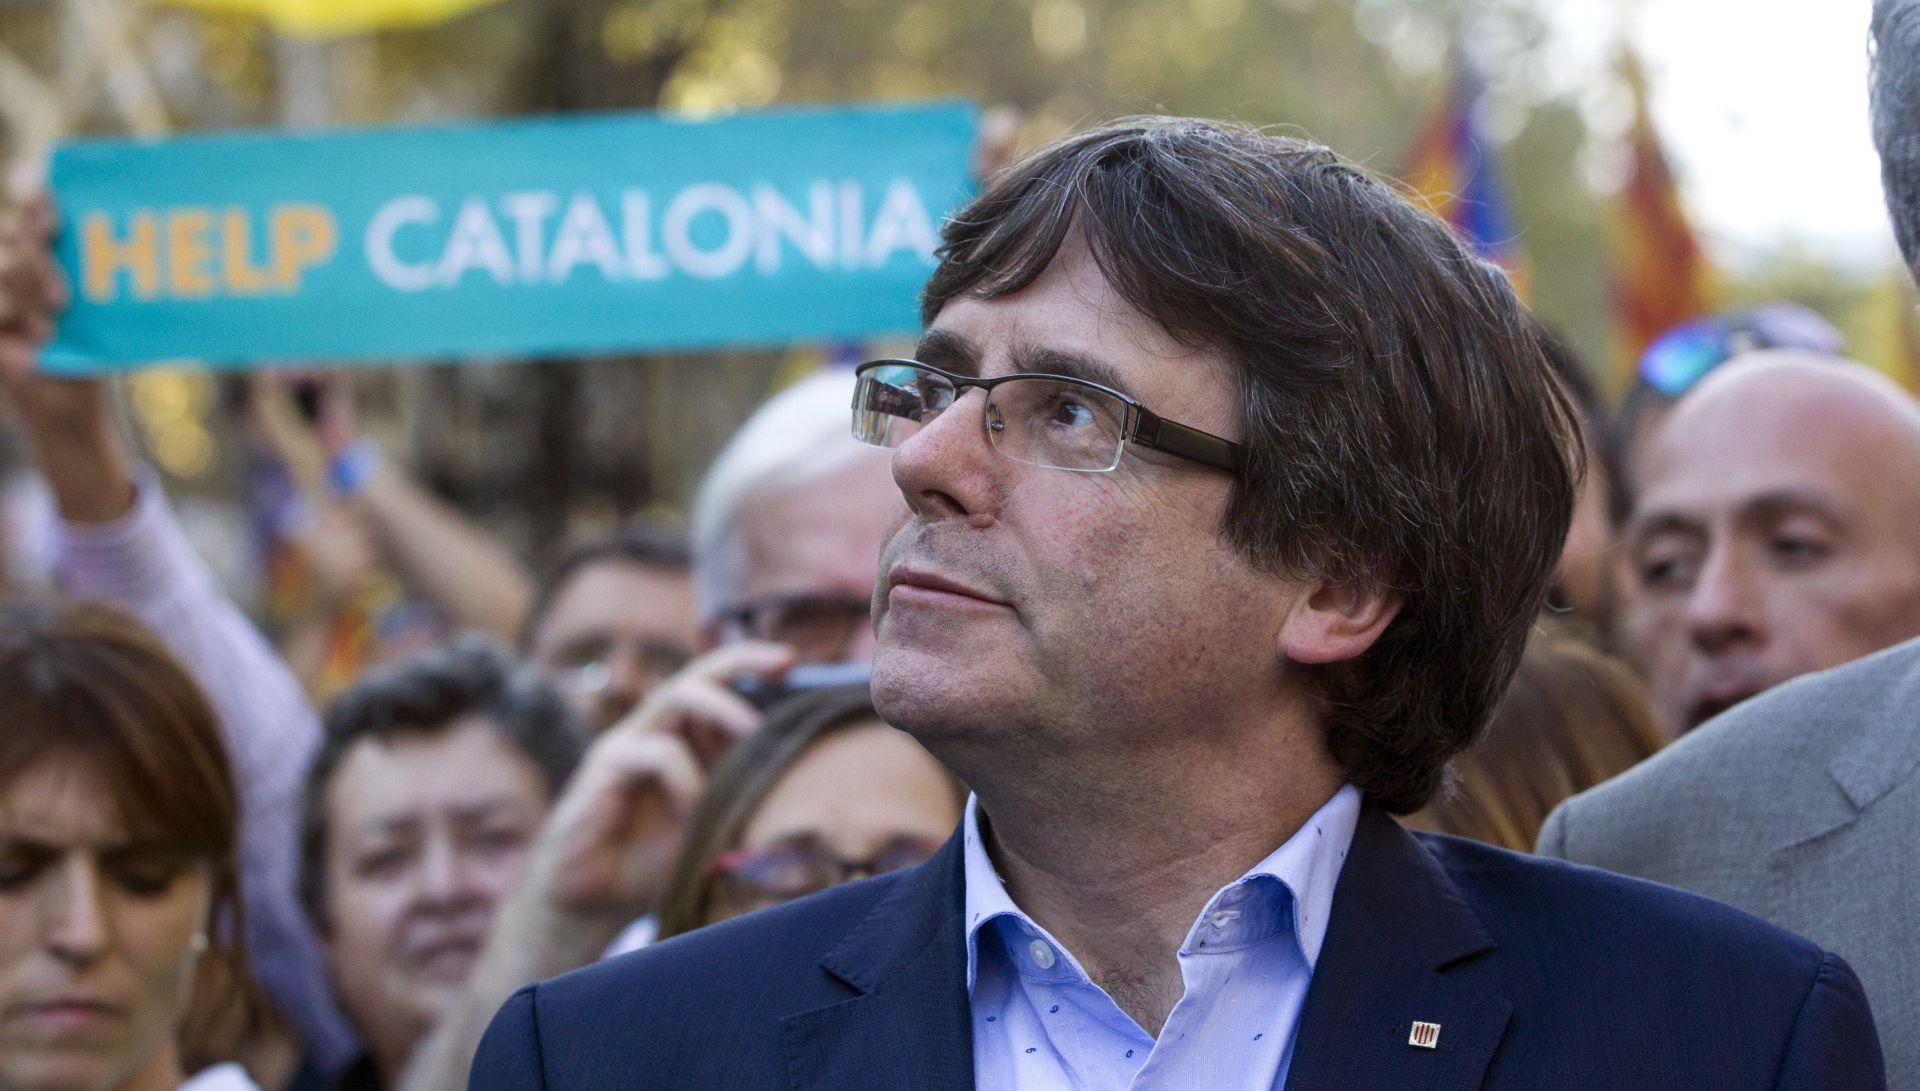 POBUNA, NEPOSLUH, POTROŠNJA JAVNOG NOVCA Počelo suđenje katalonskim dužnosnicima, Puigdemont ostao u Belgiji